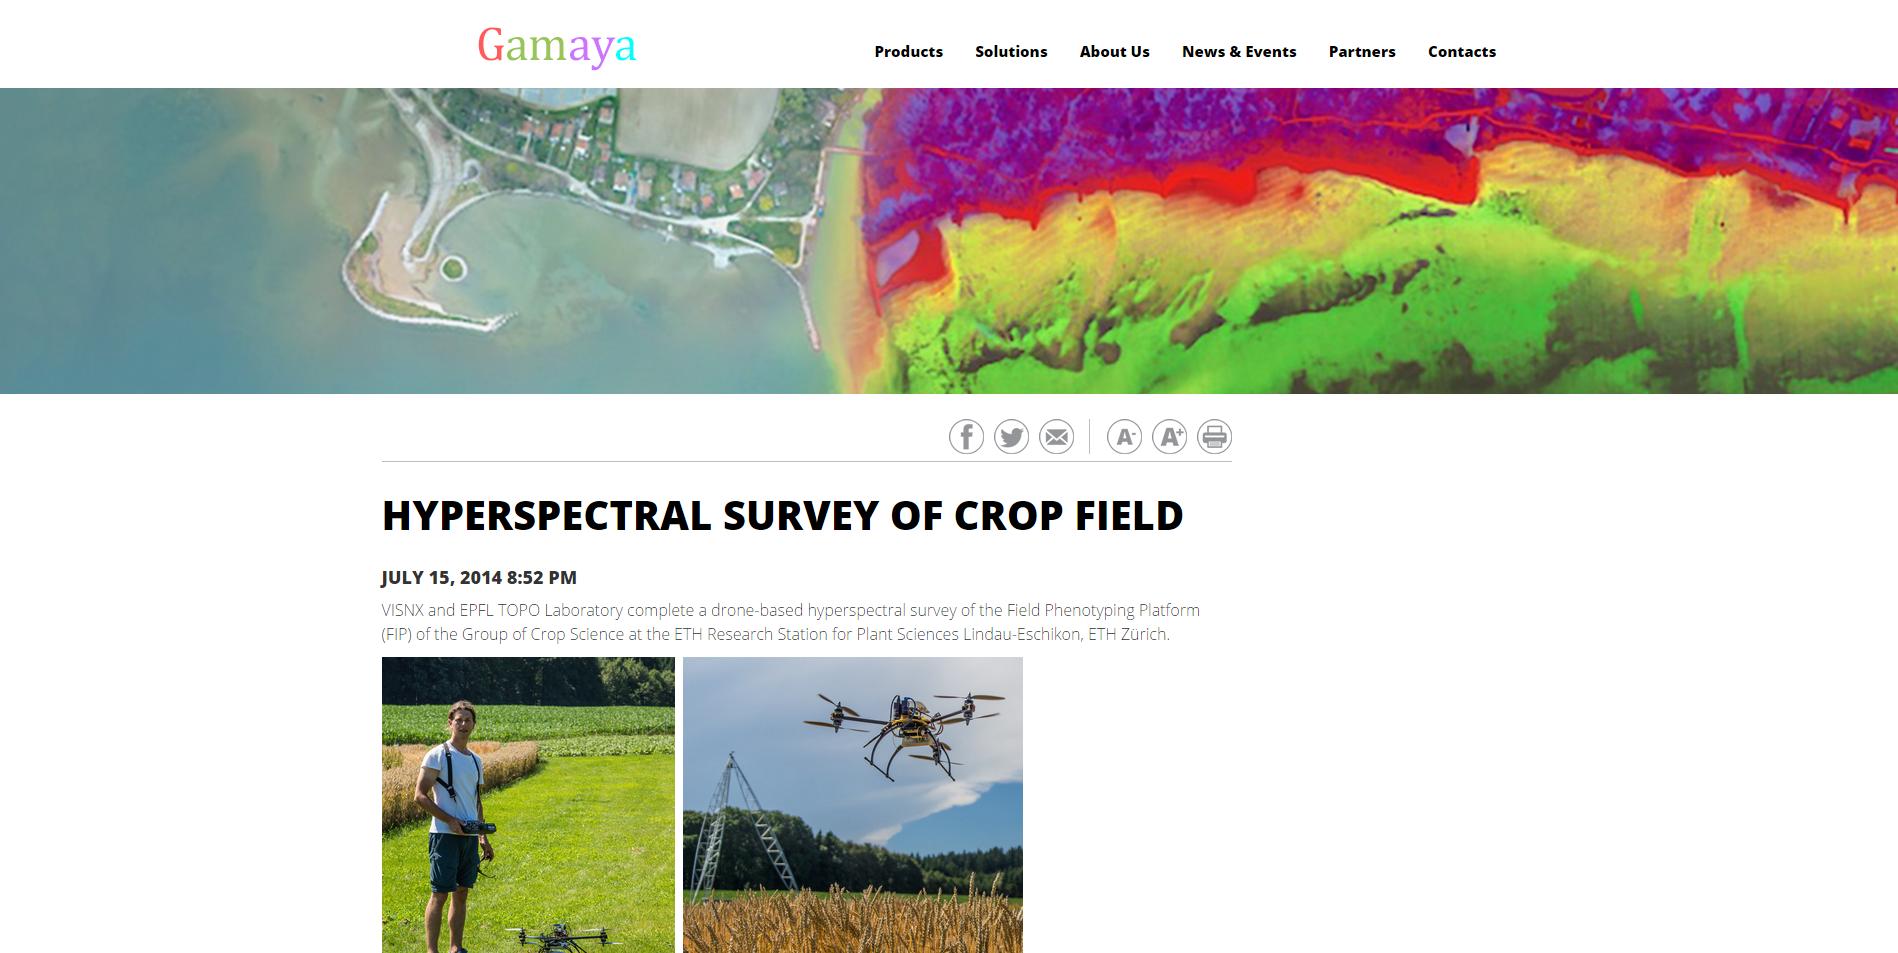 Разработка логотипа для компании Gamaya фото f_1565482f9db6fbd5.png